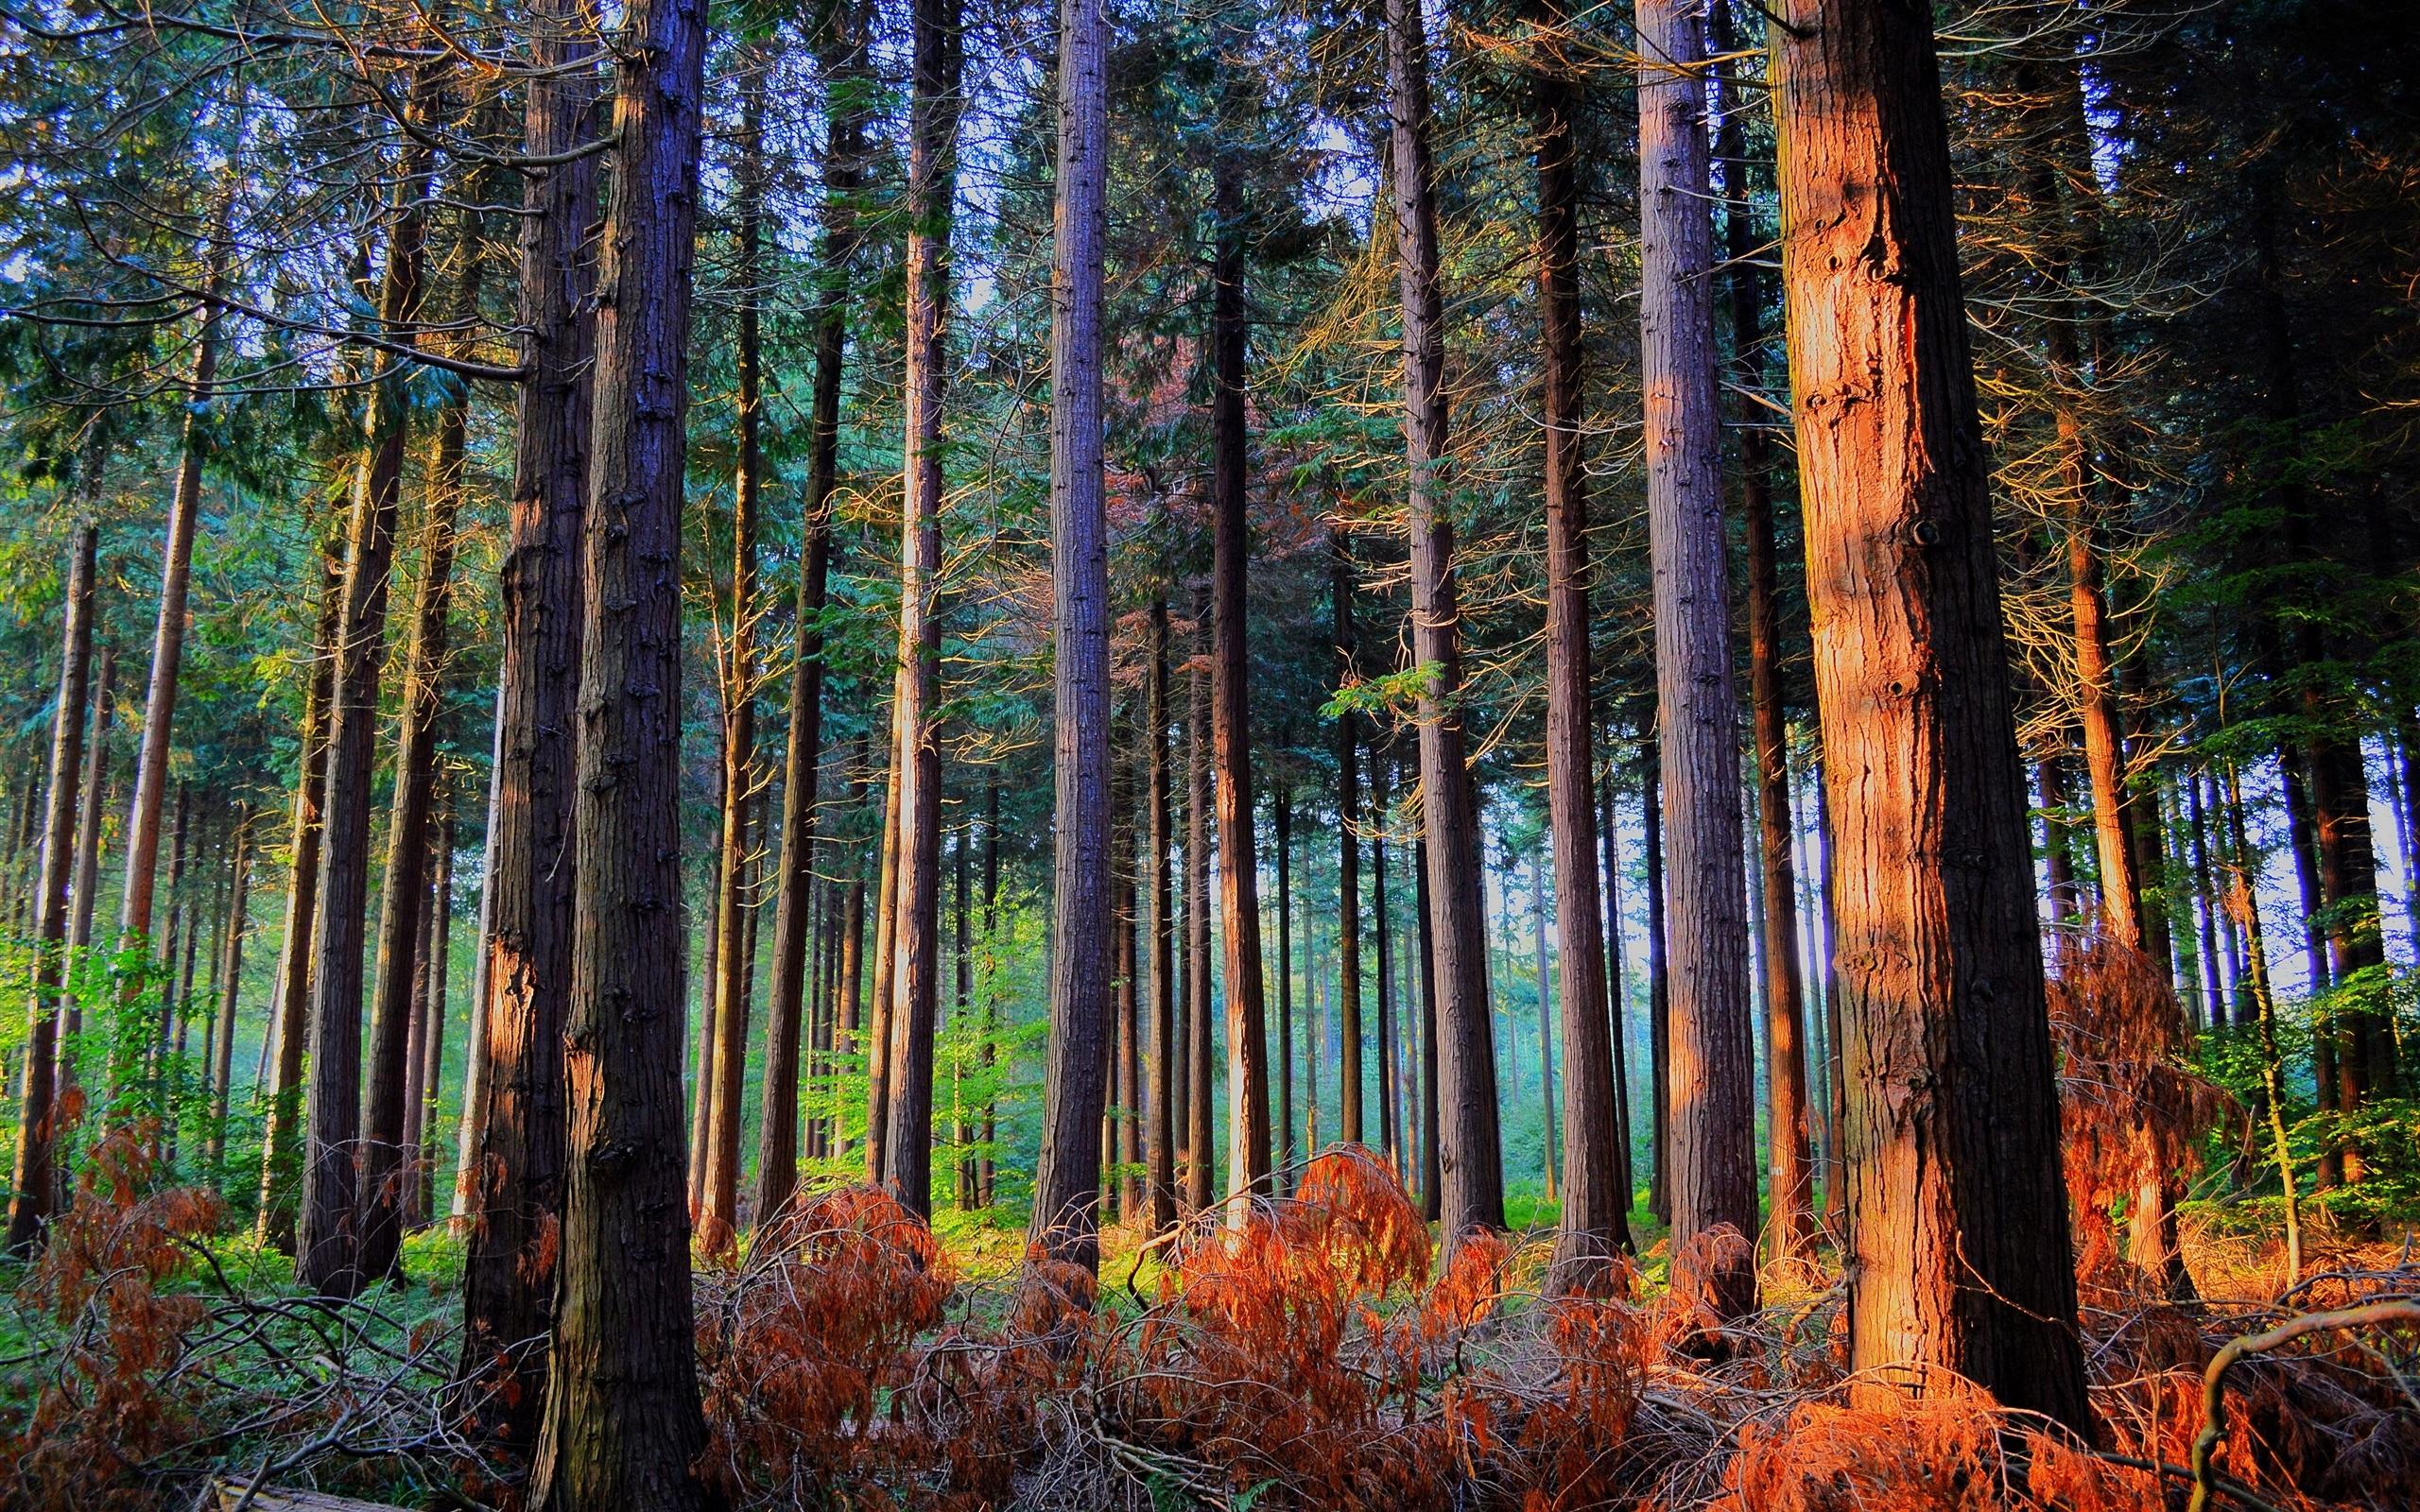 森林,林木,阳光,秋天